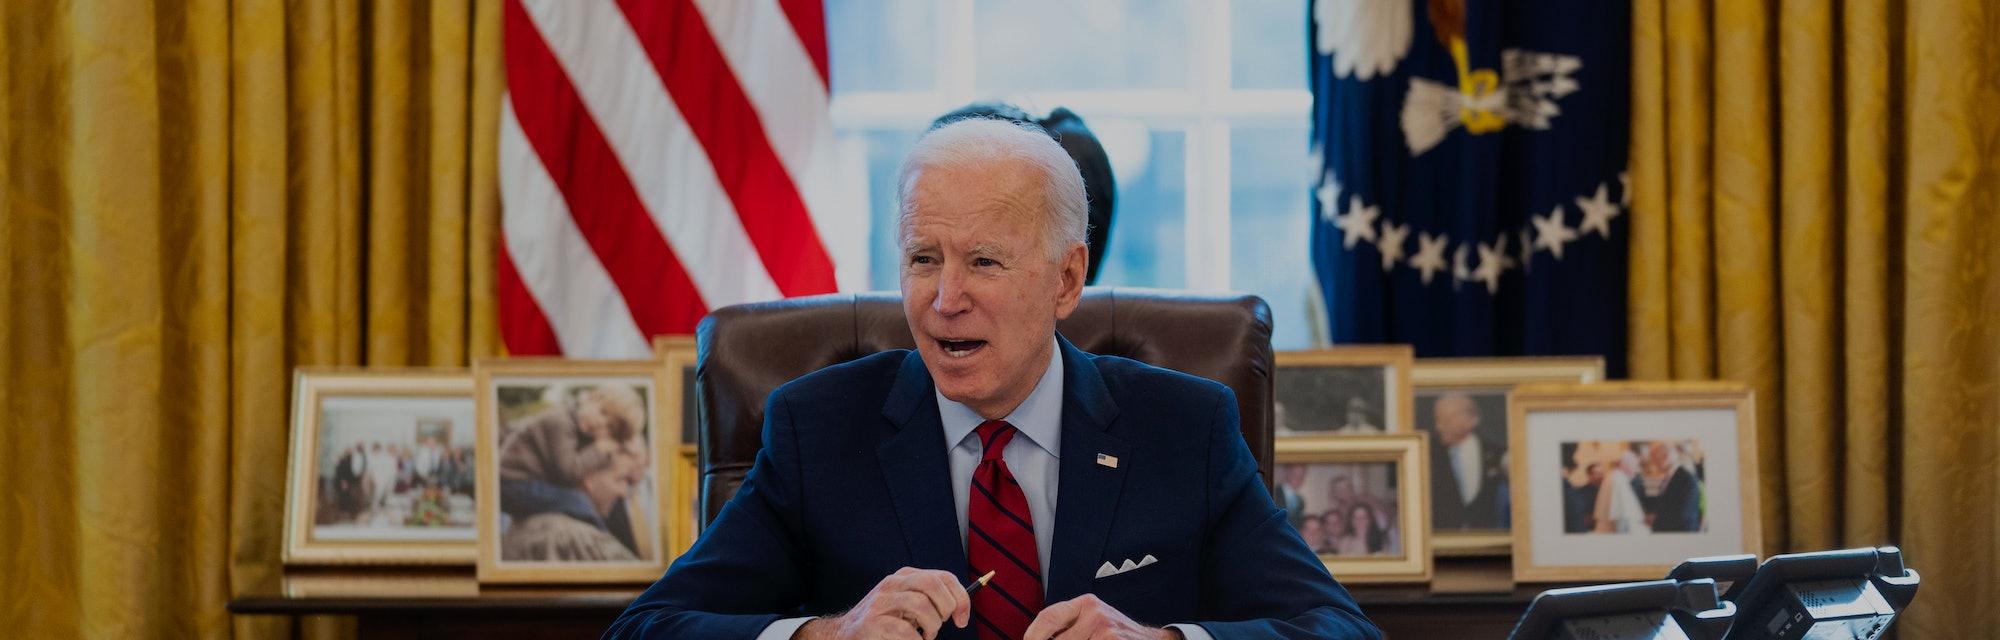 President Joe Biden is seen at the White House.